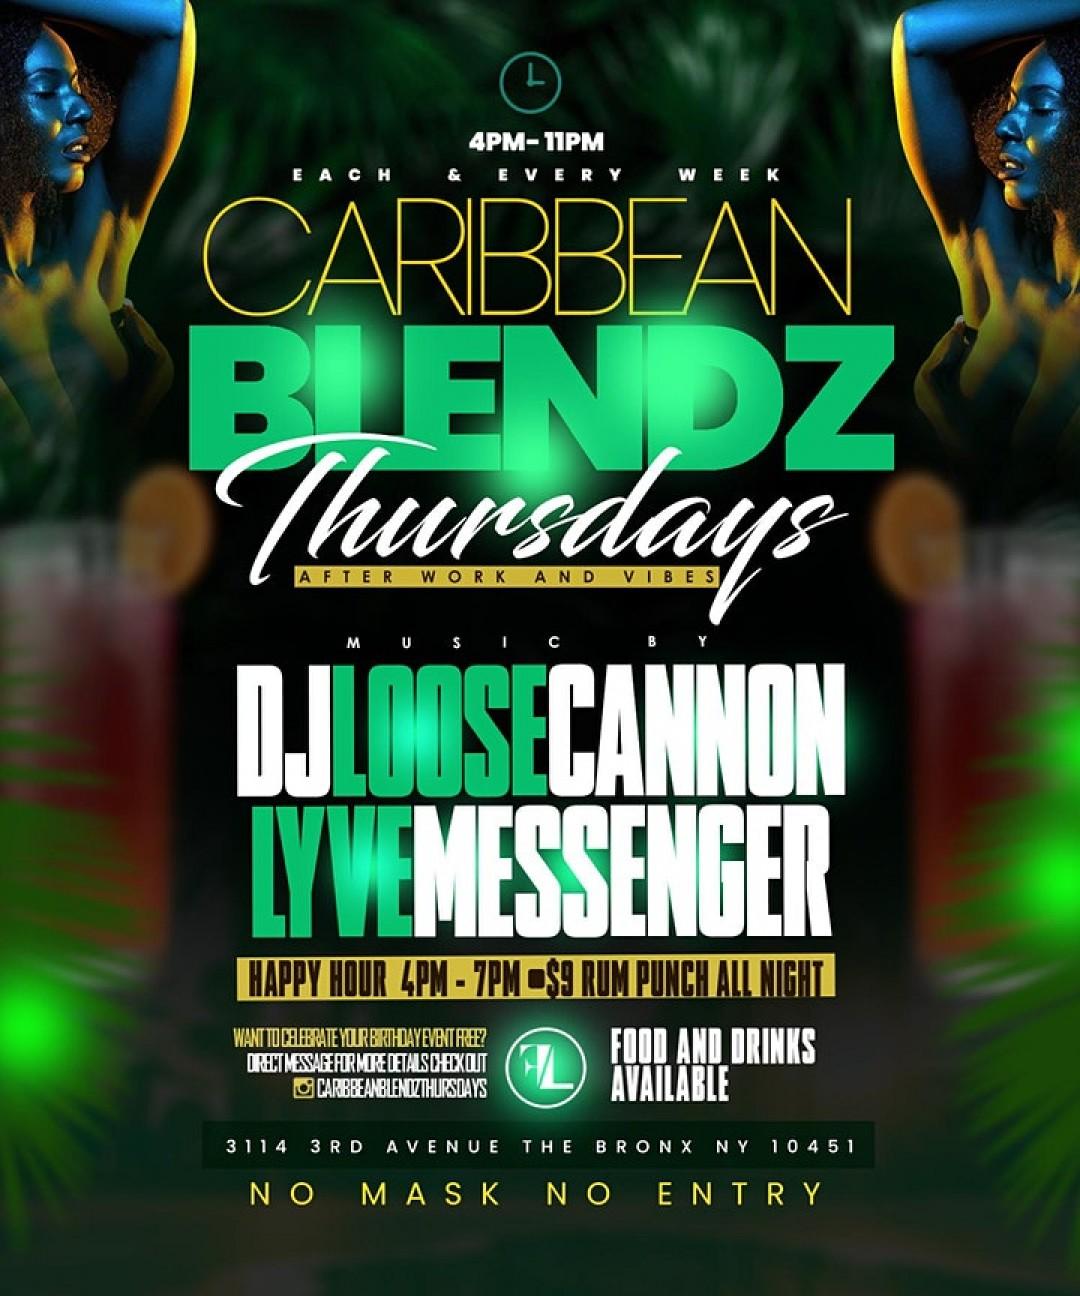 CARIBBEAN BLENDZ THURSDAYS